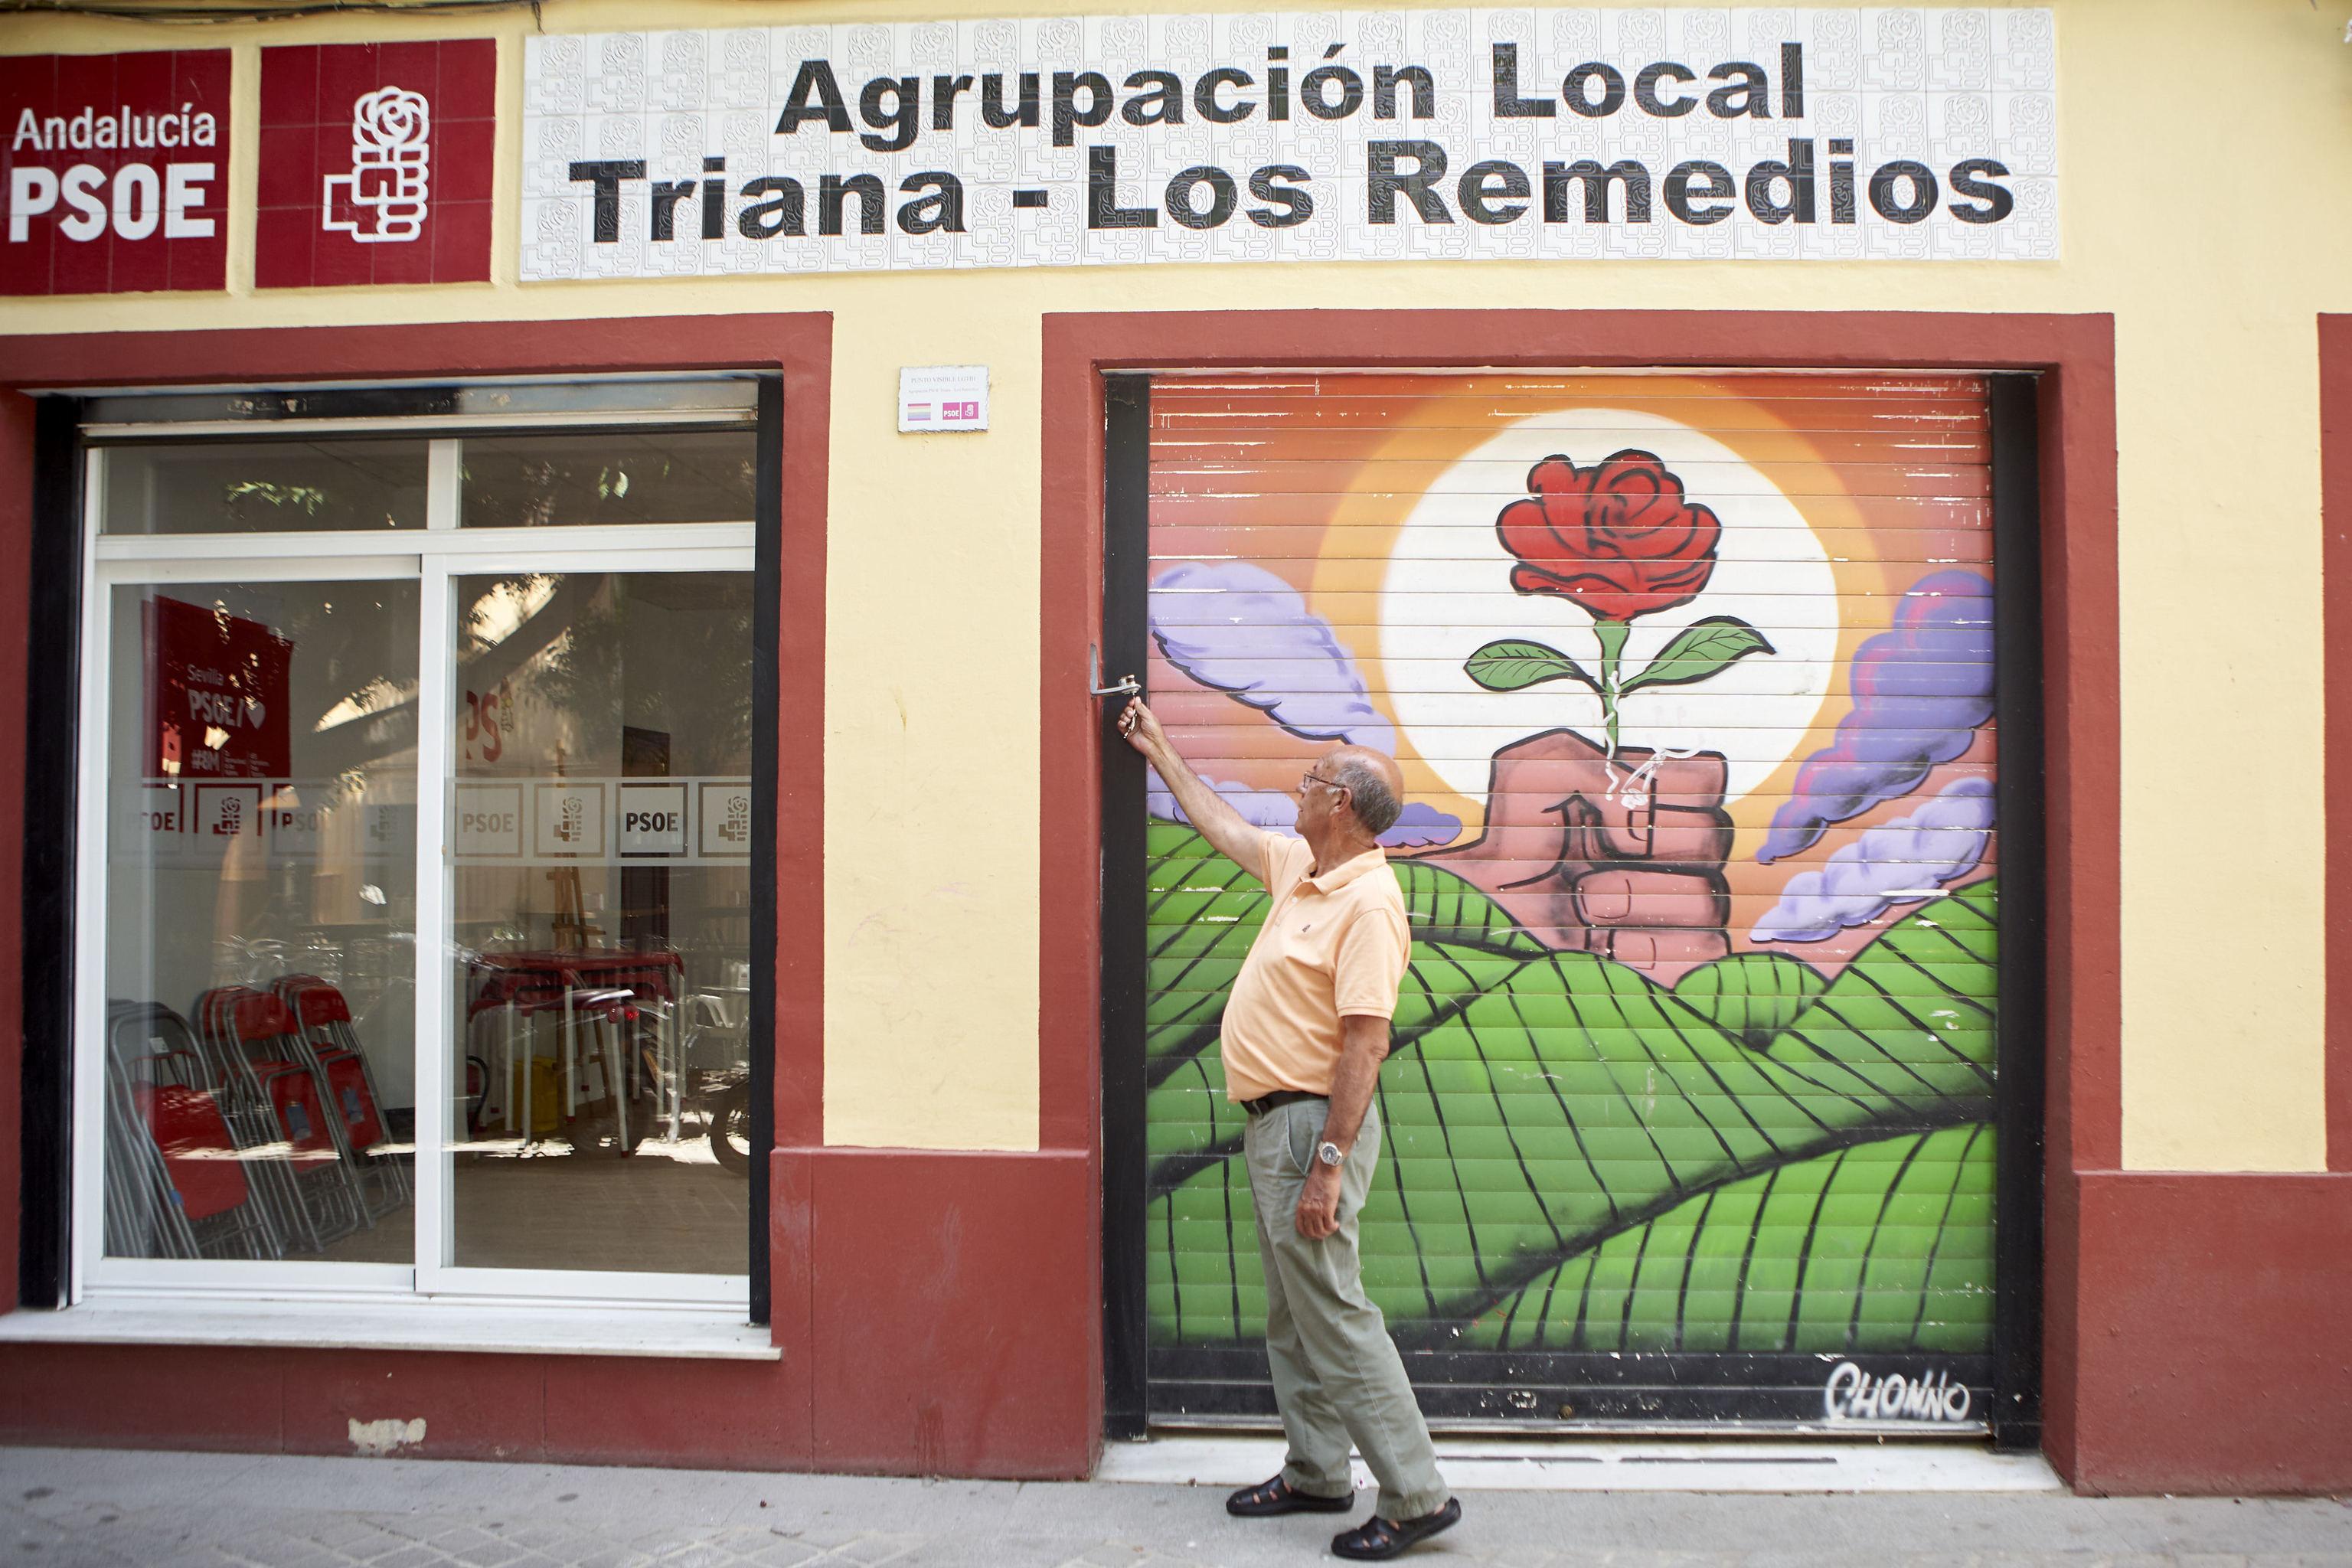 La agrupación de Triana en la que se afilió Susana Díaz